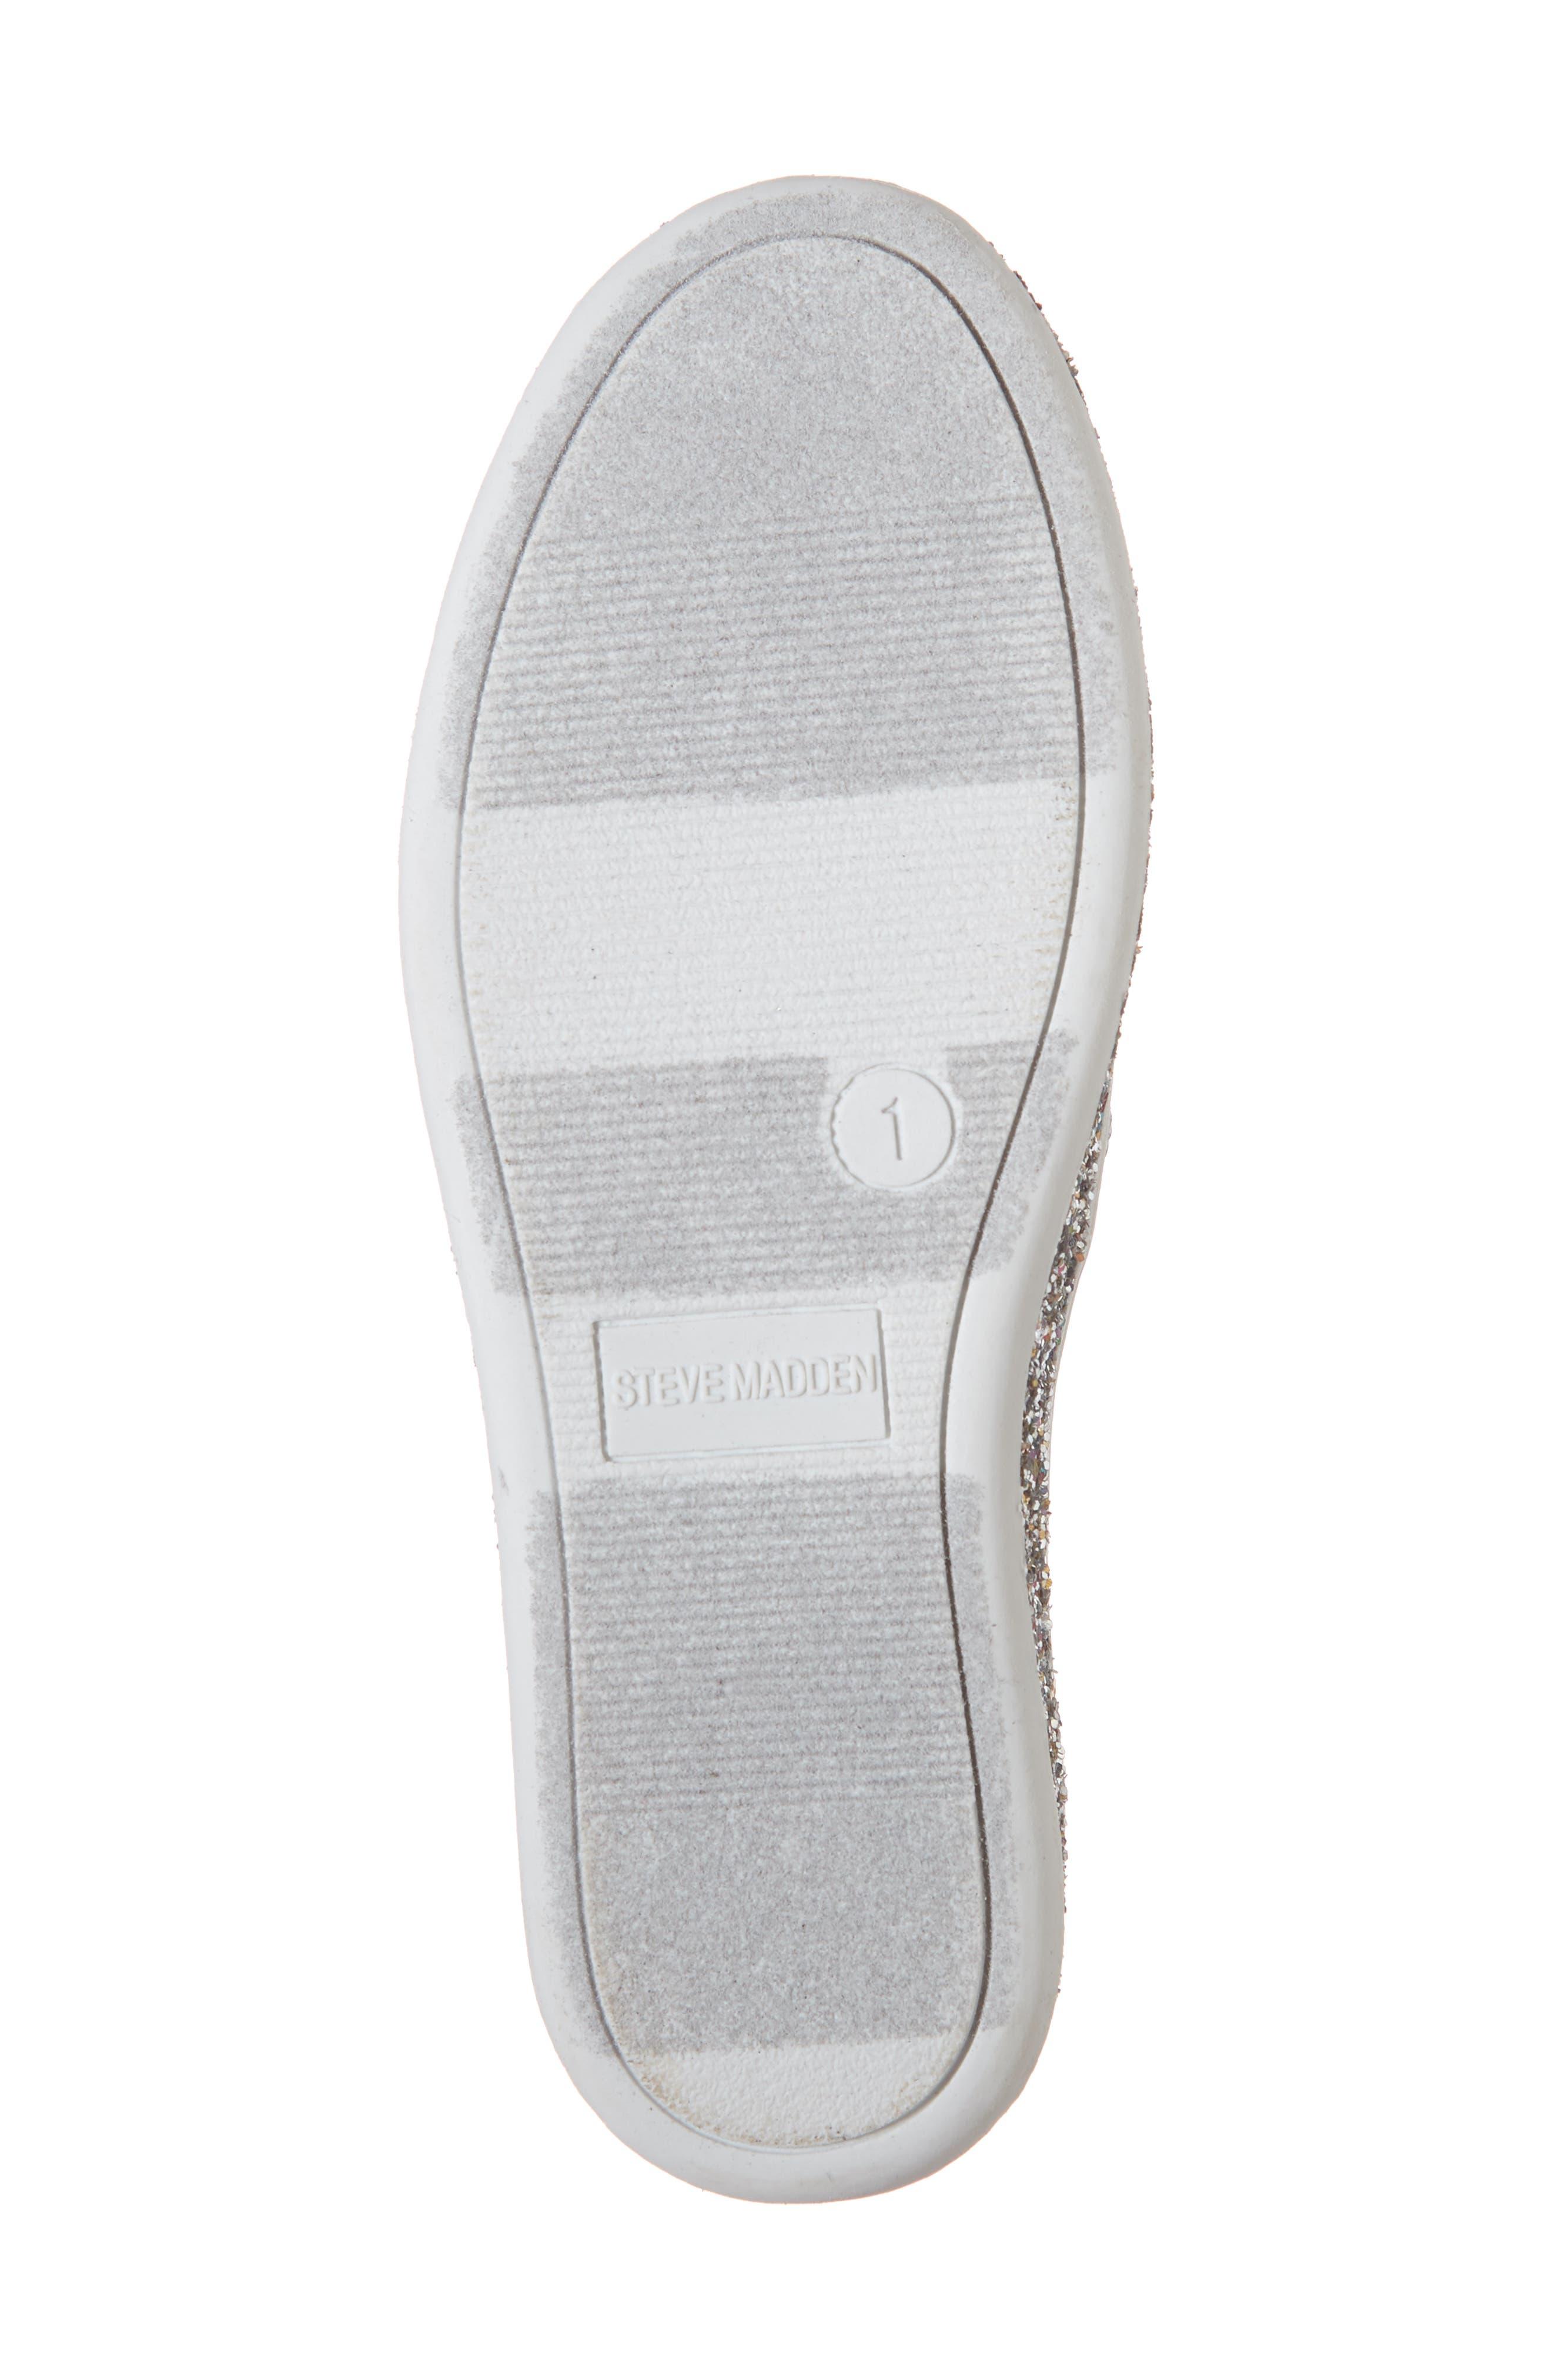 Jglorie Glitter Slip-On Sneaker,                             Alternate thumbnail 6, color,                             SILVER